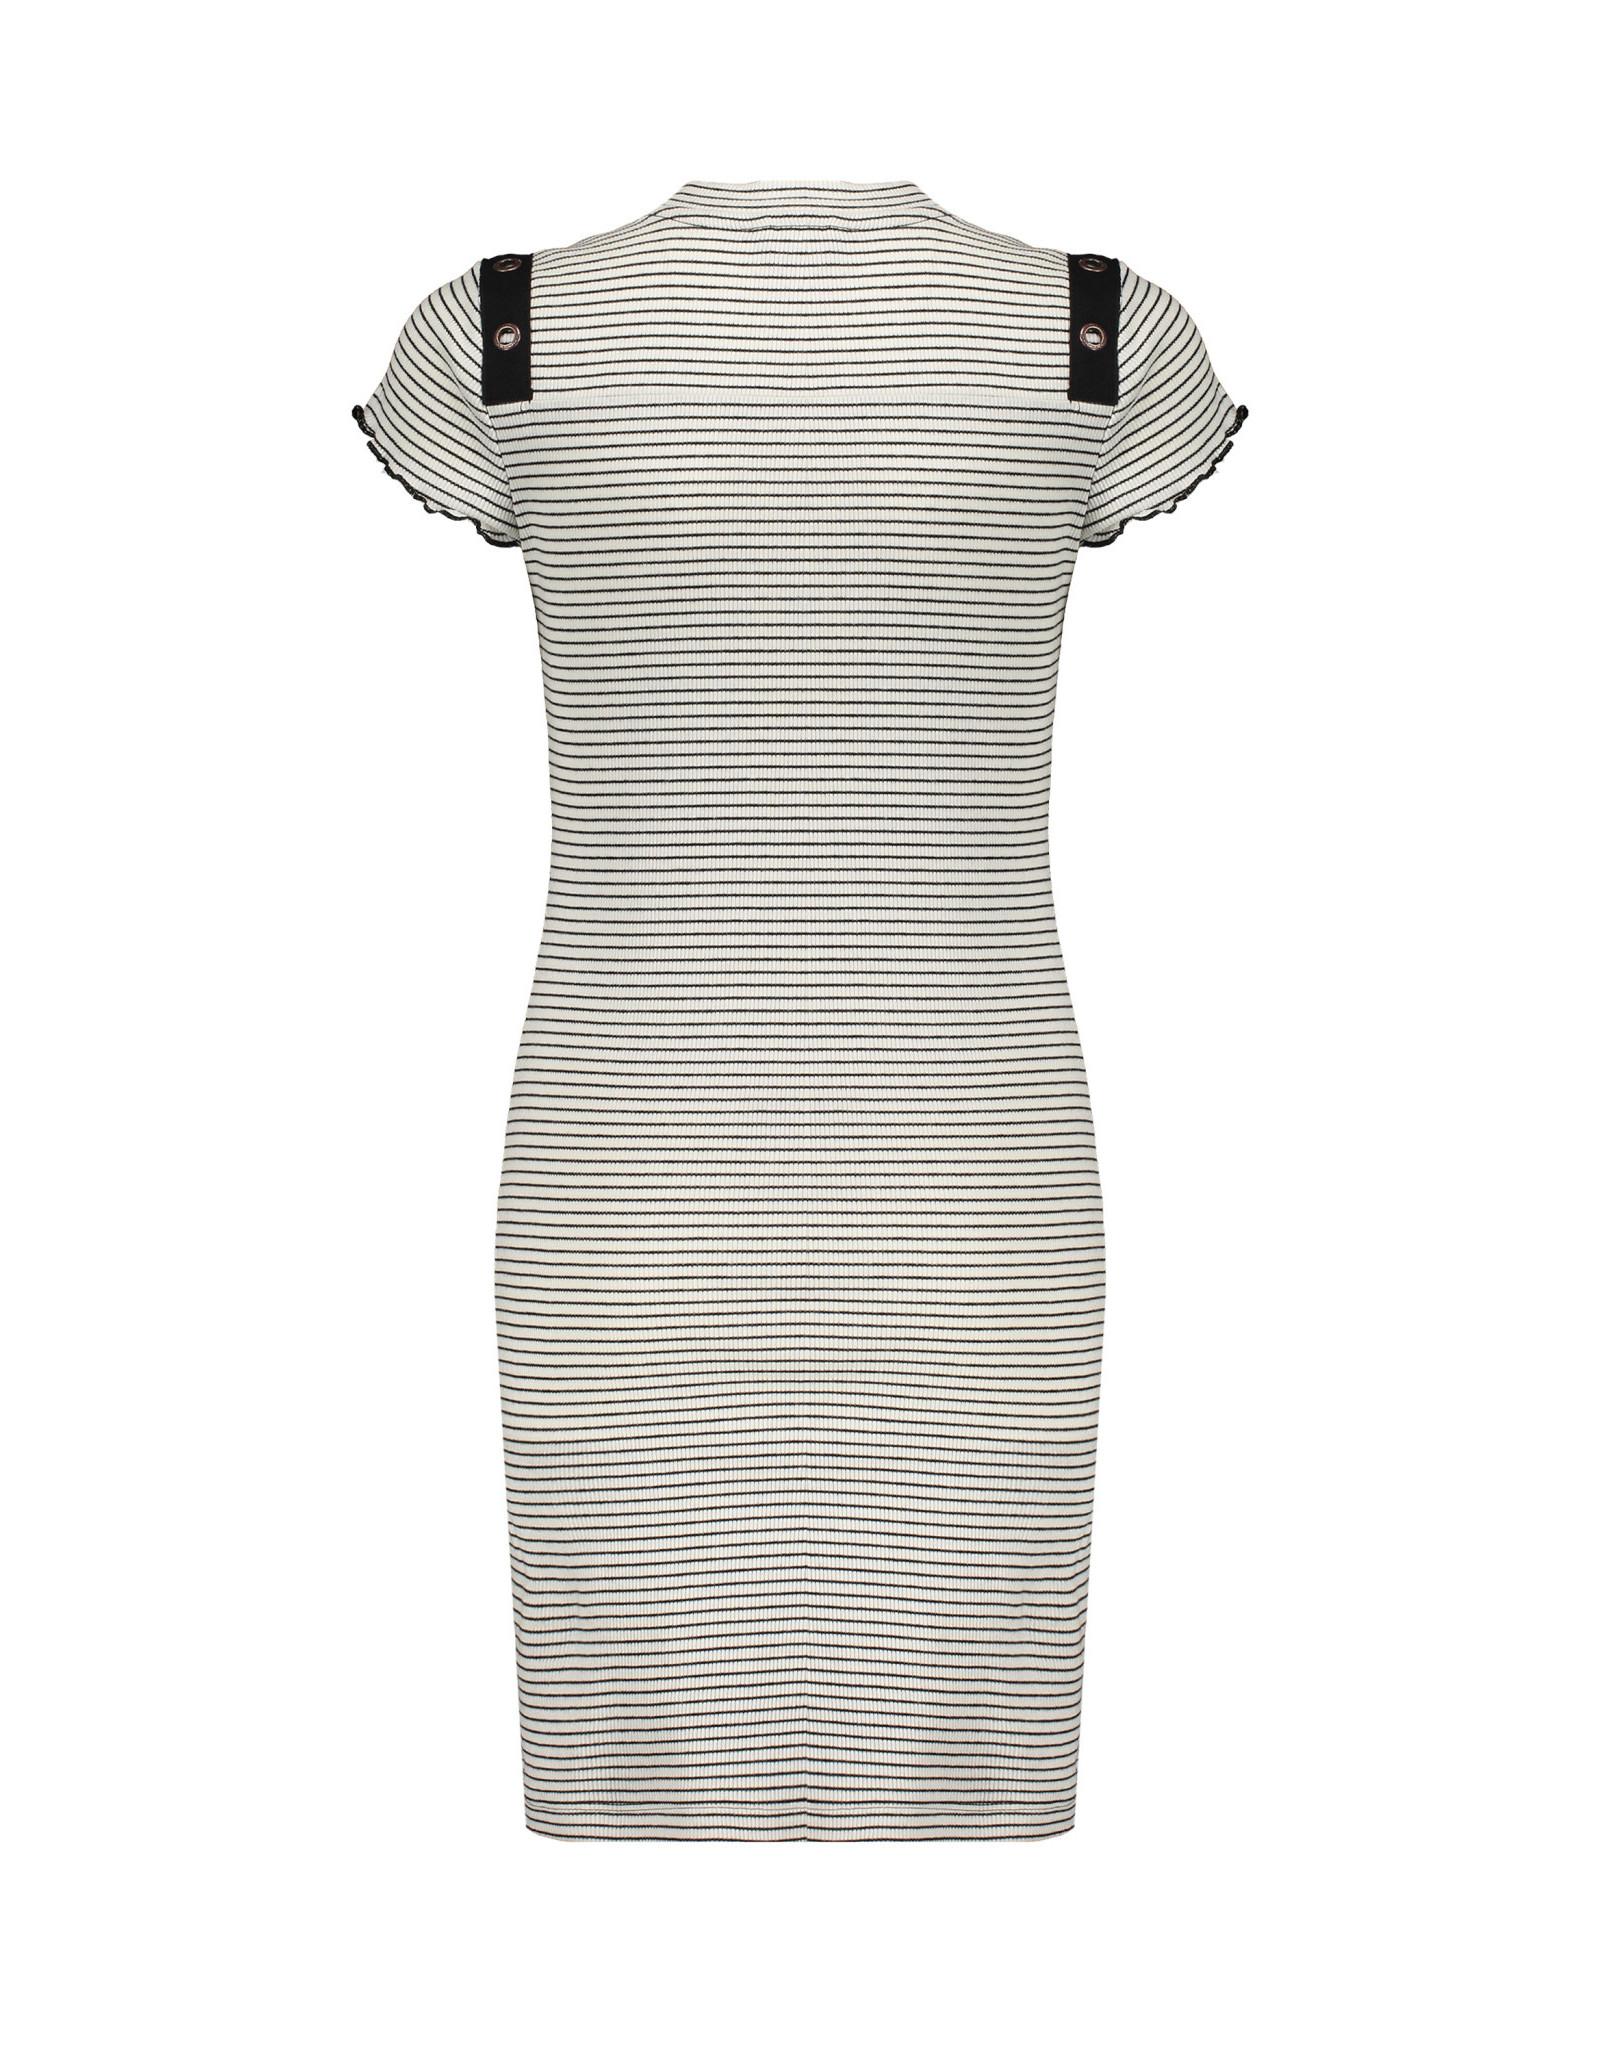 NoBell meiden gestreepte jurk Mizzy Off White